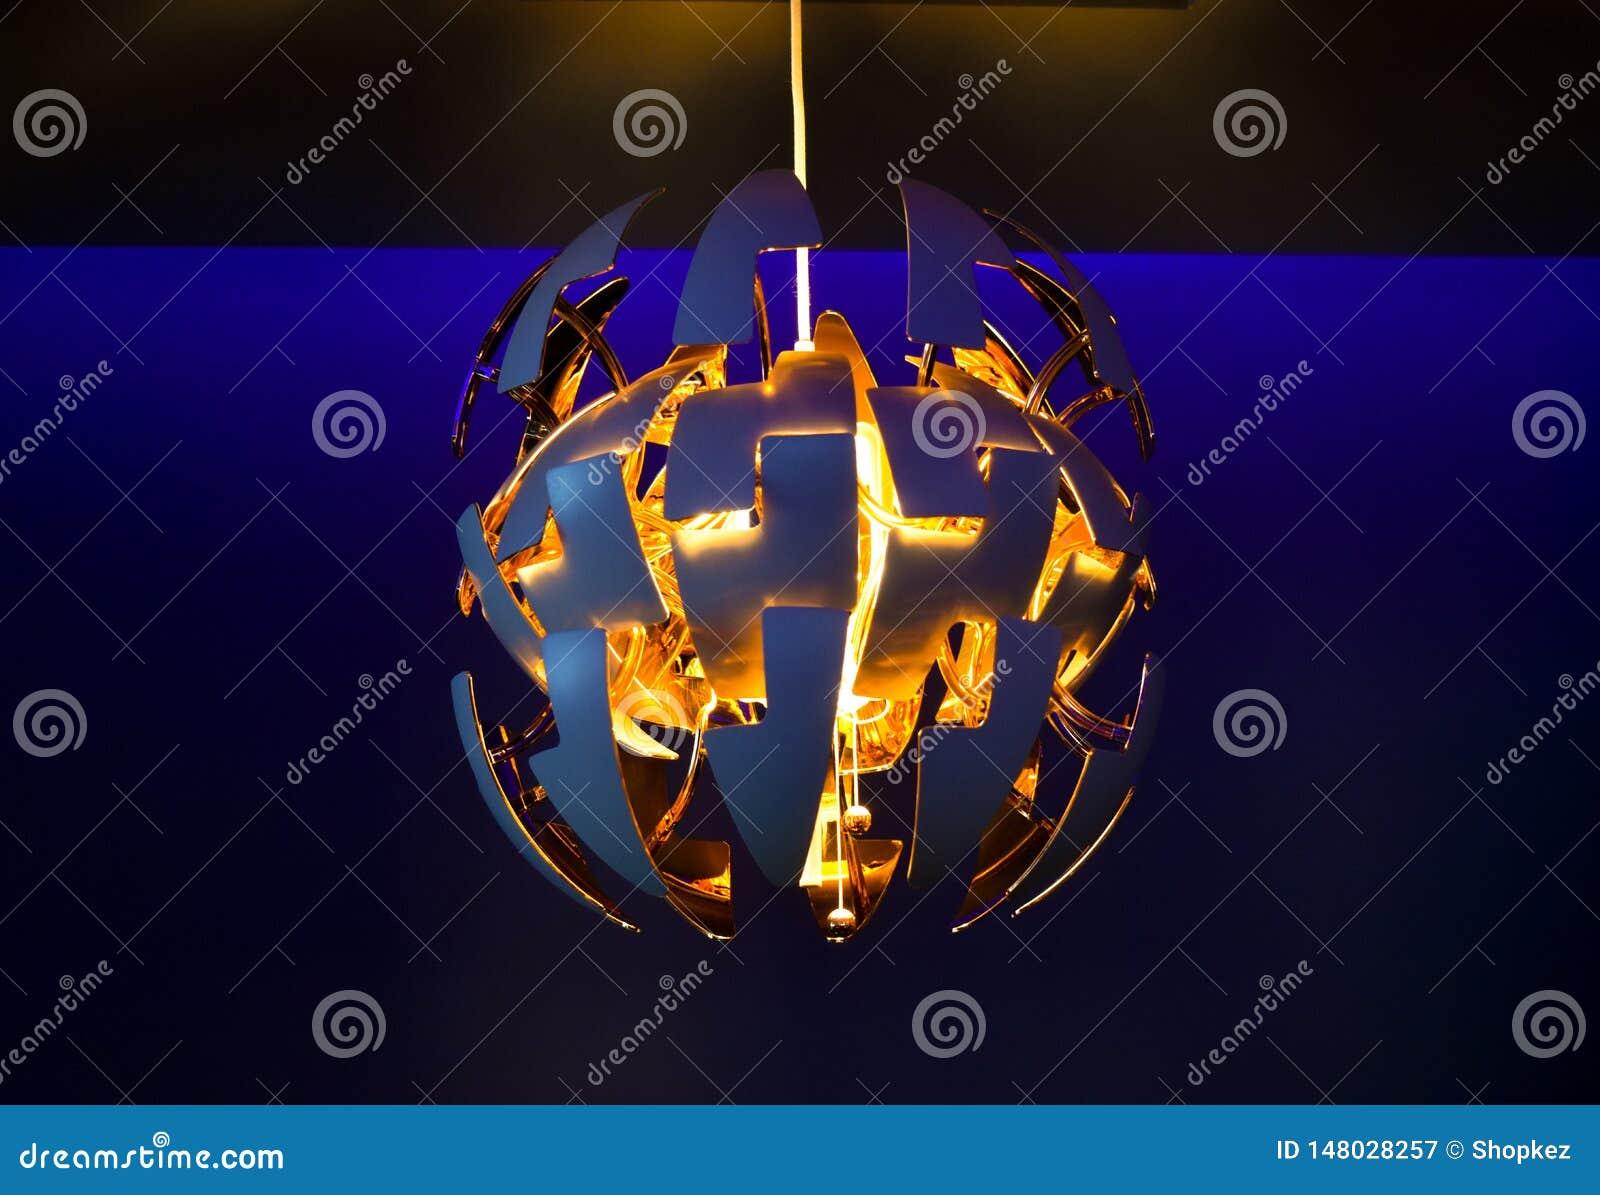 Il candeliere moderno alla moda fa luce nella stanza blu